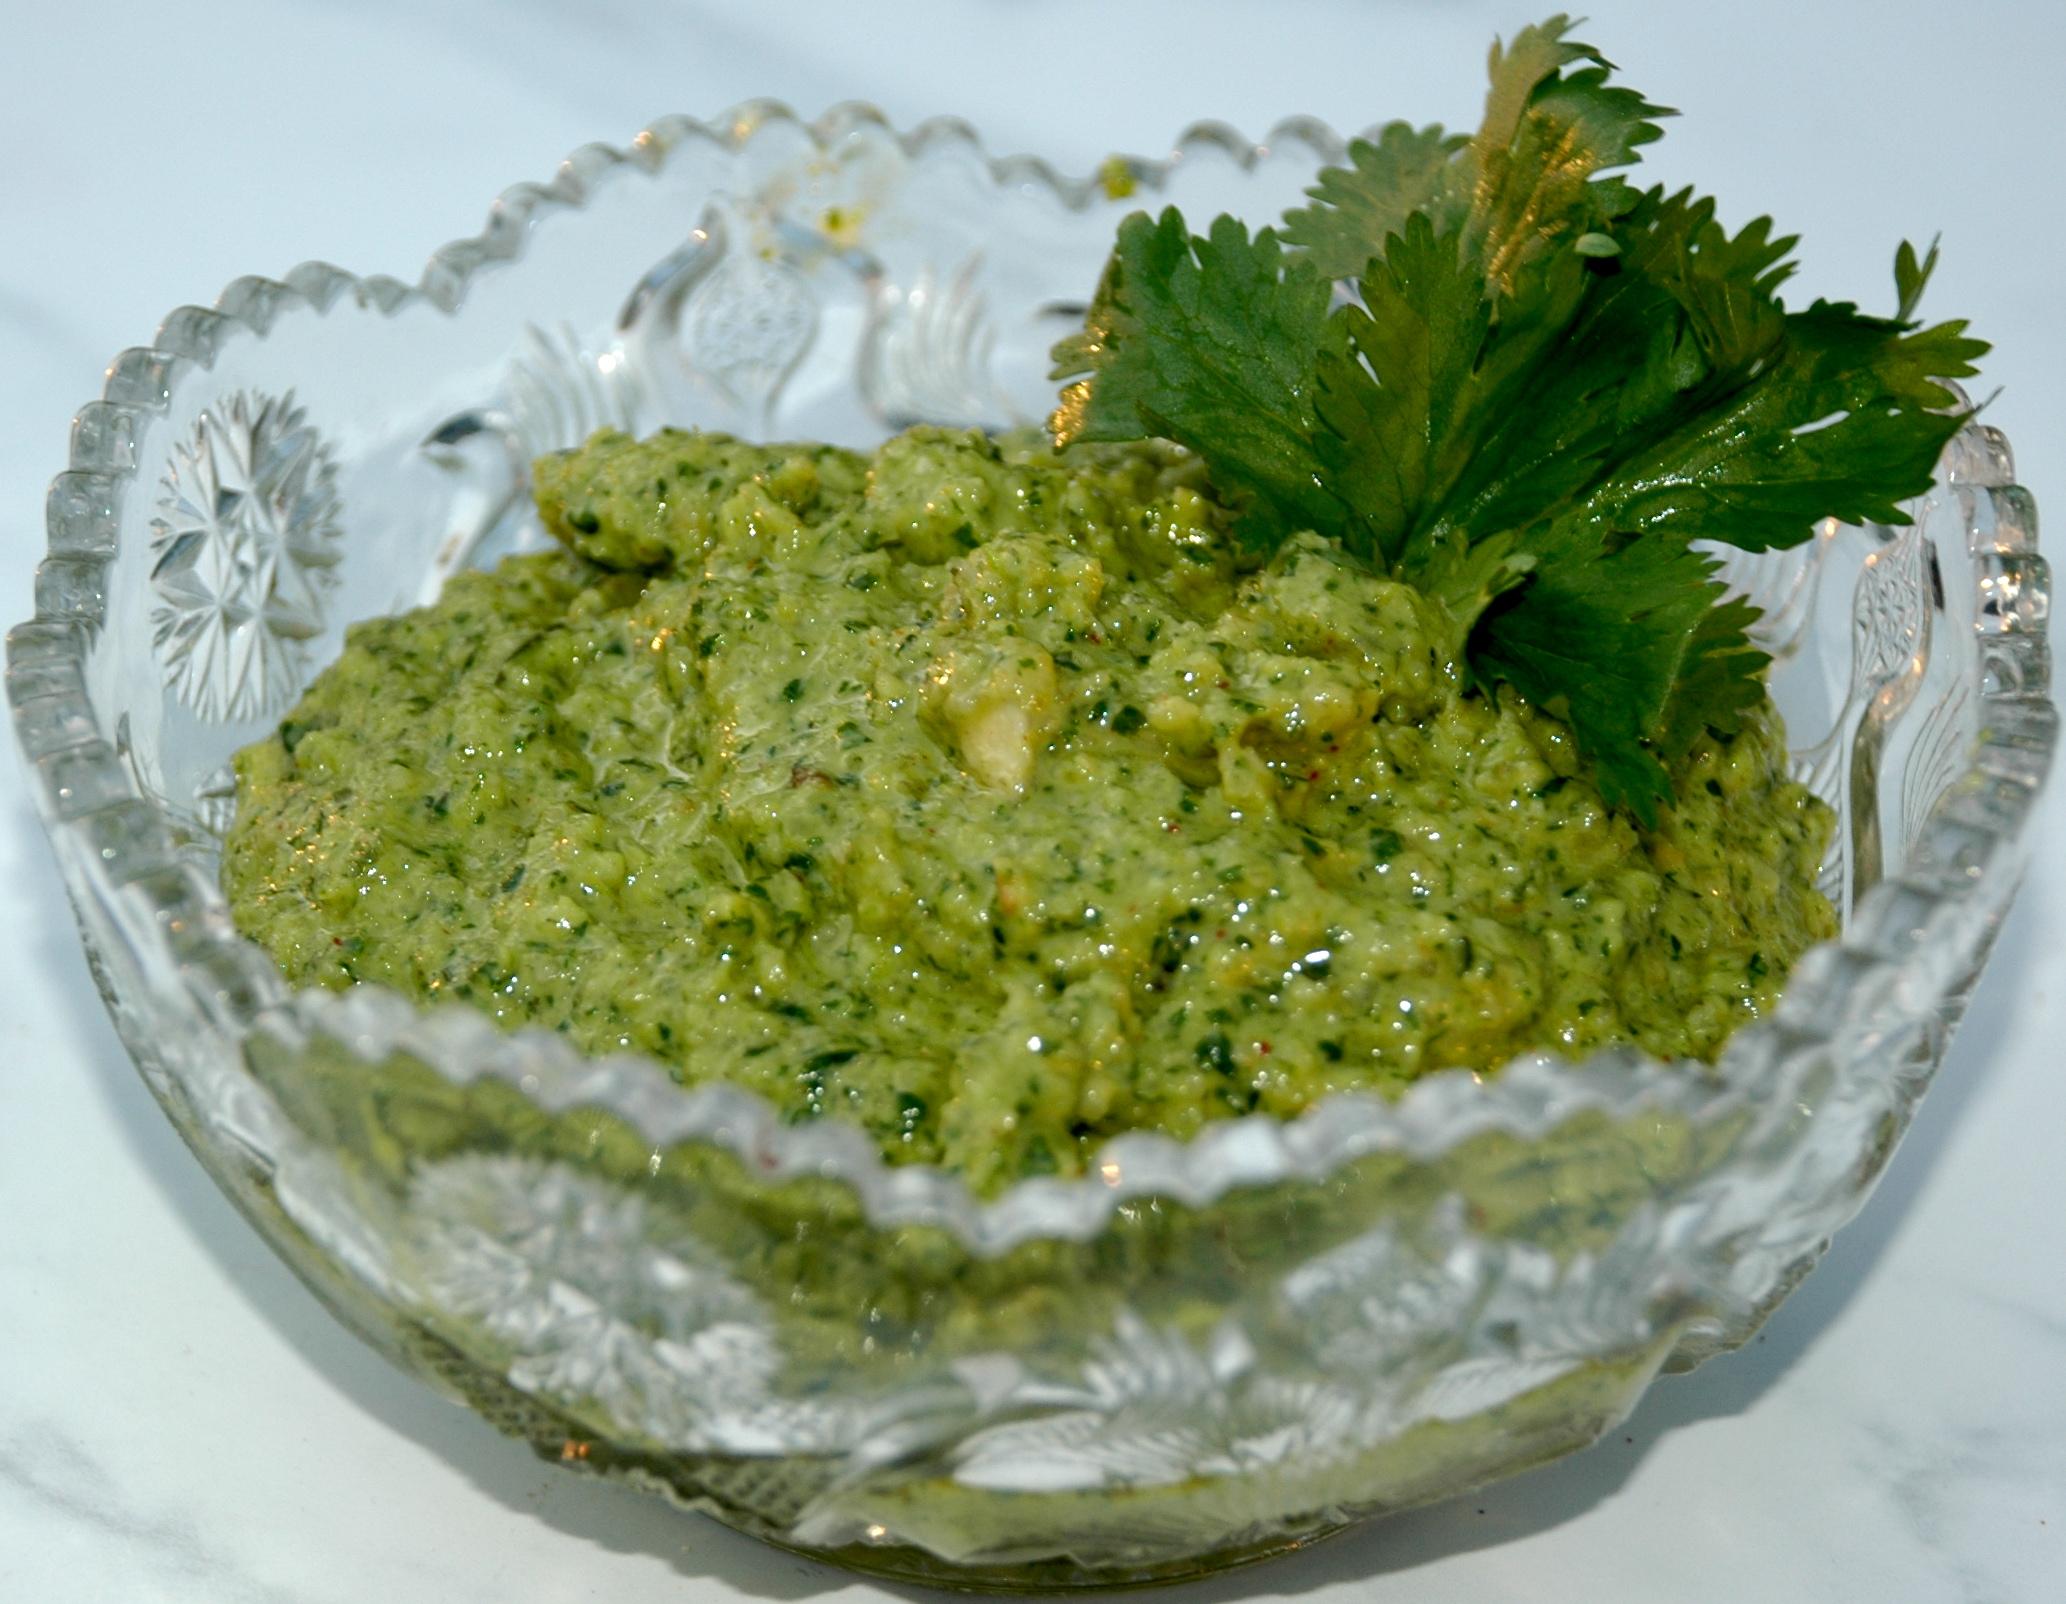 Cilantro & Pepita Pesto - The Turquoise Table